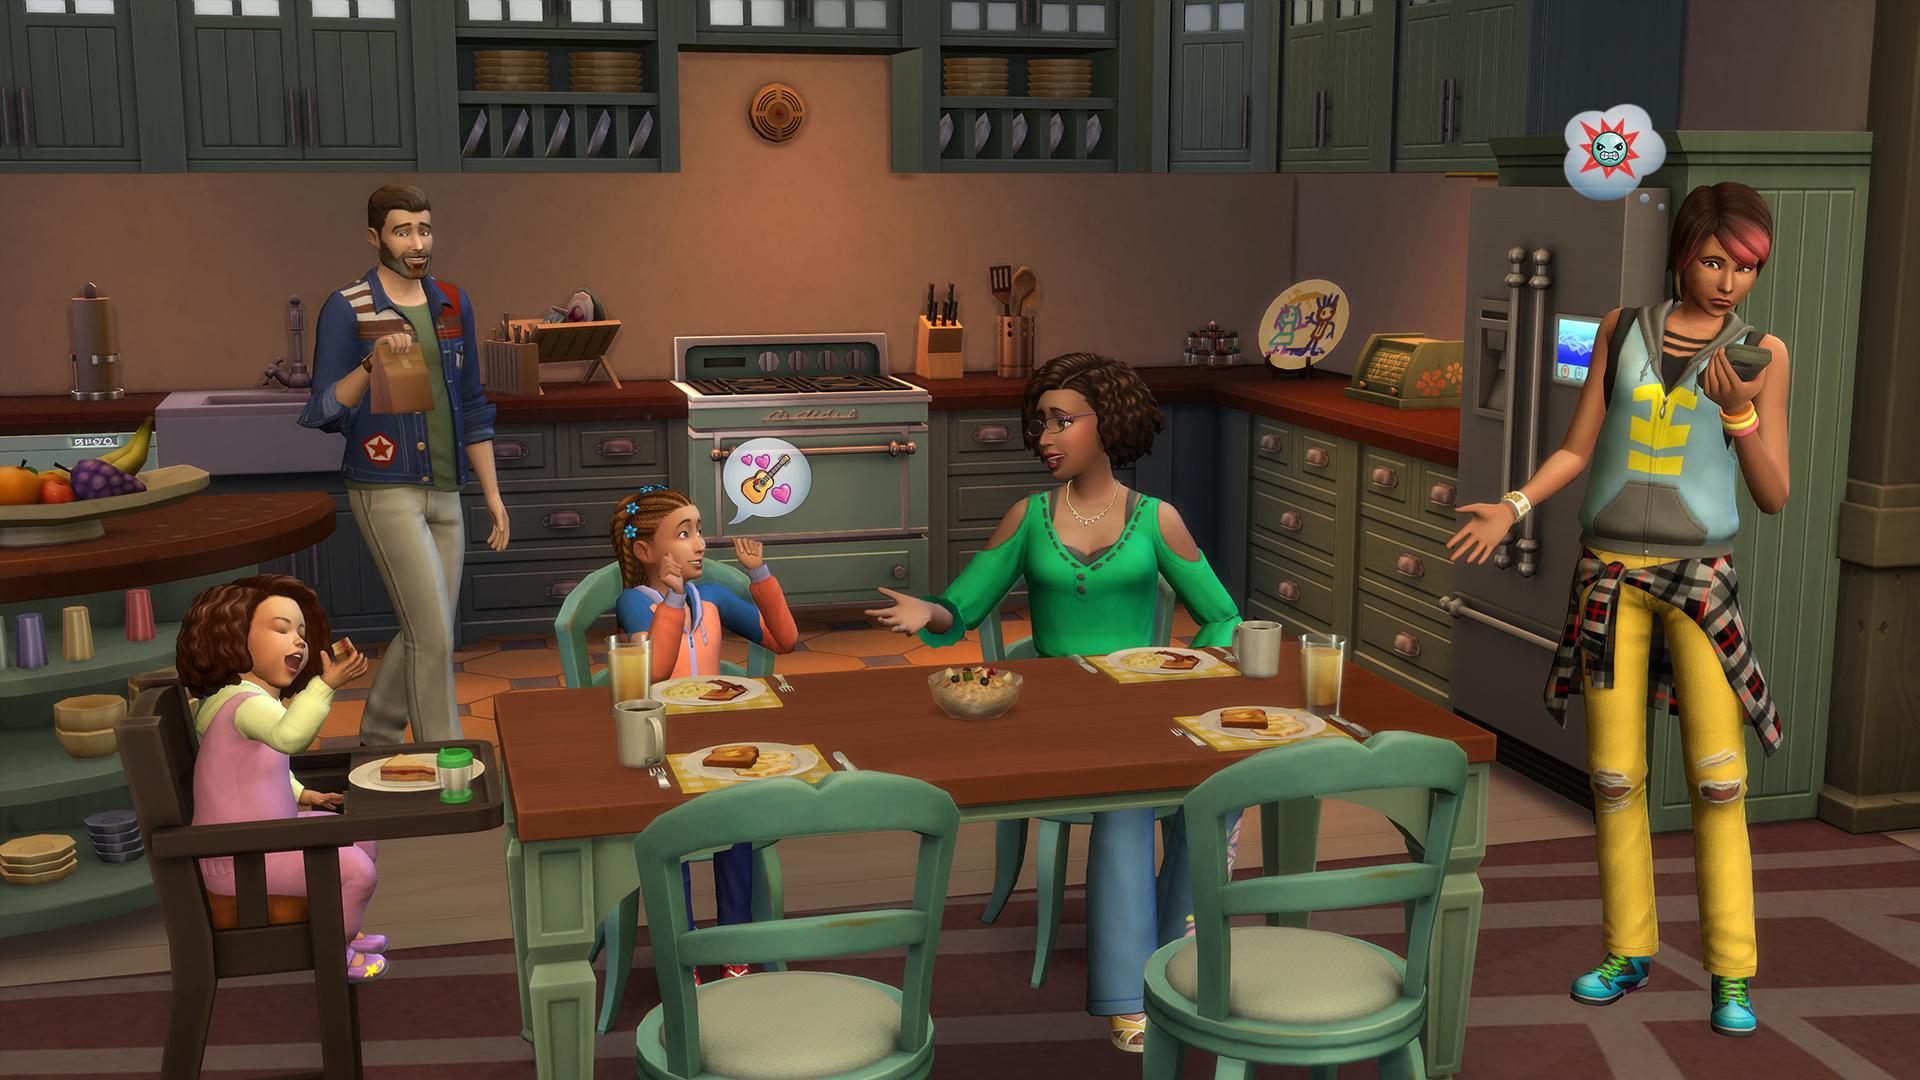 Sims 4 онлайн без регистрации и смс, симс 3 играть скачать на компьютер, при установке симс 2 требует диск 2, игры симсы 3 играть сейчас, моя бабушка играет в симс 4, скачать симс 4 с интернета бесплатно